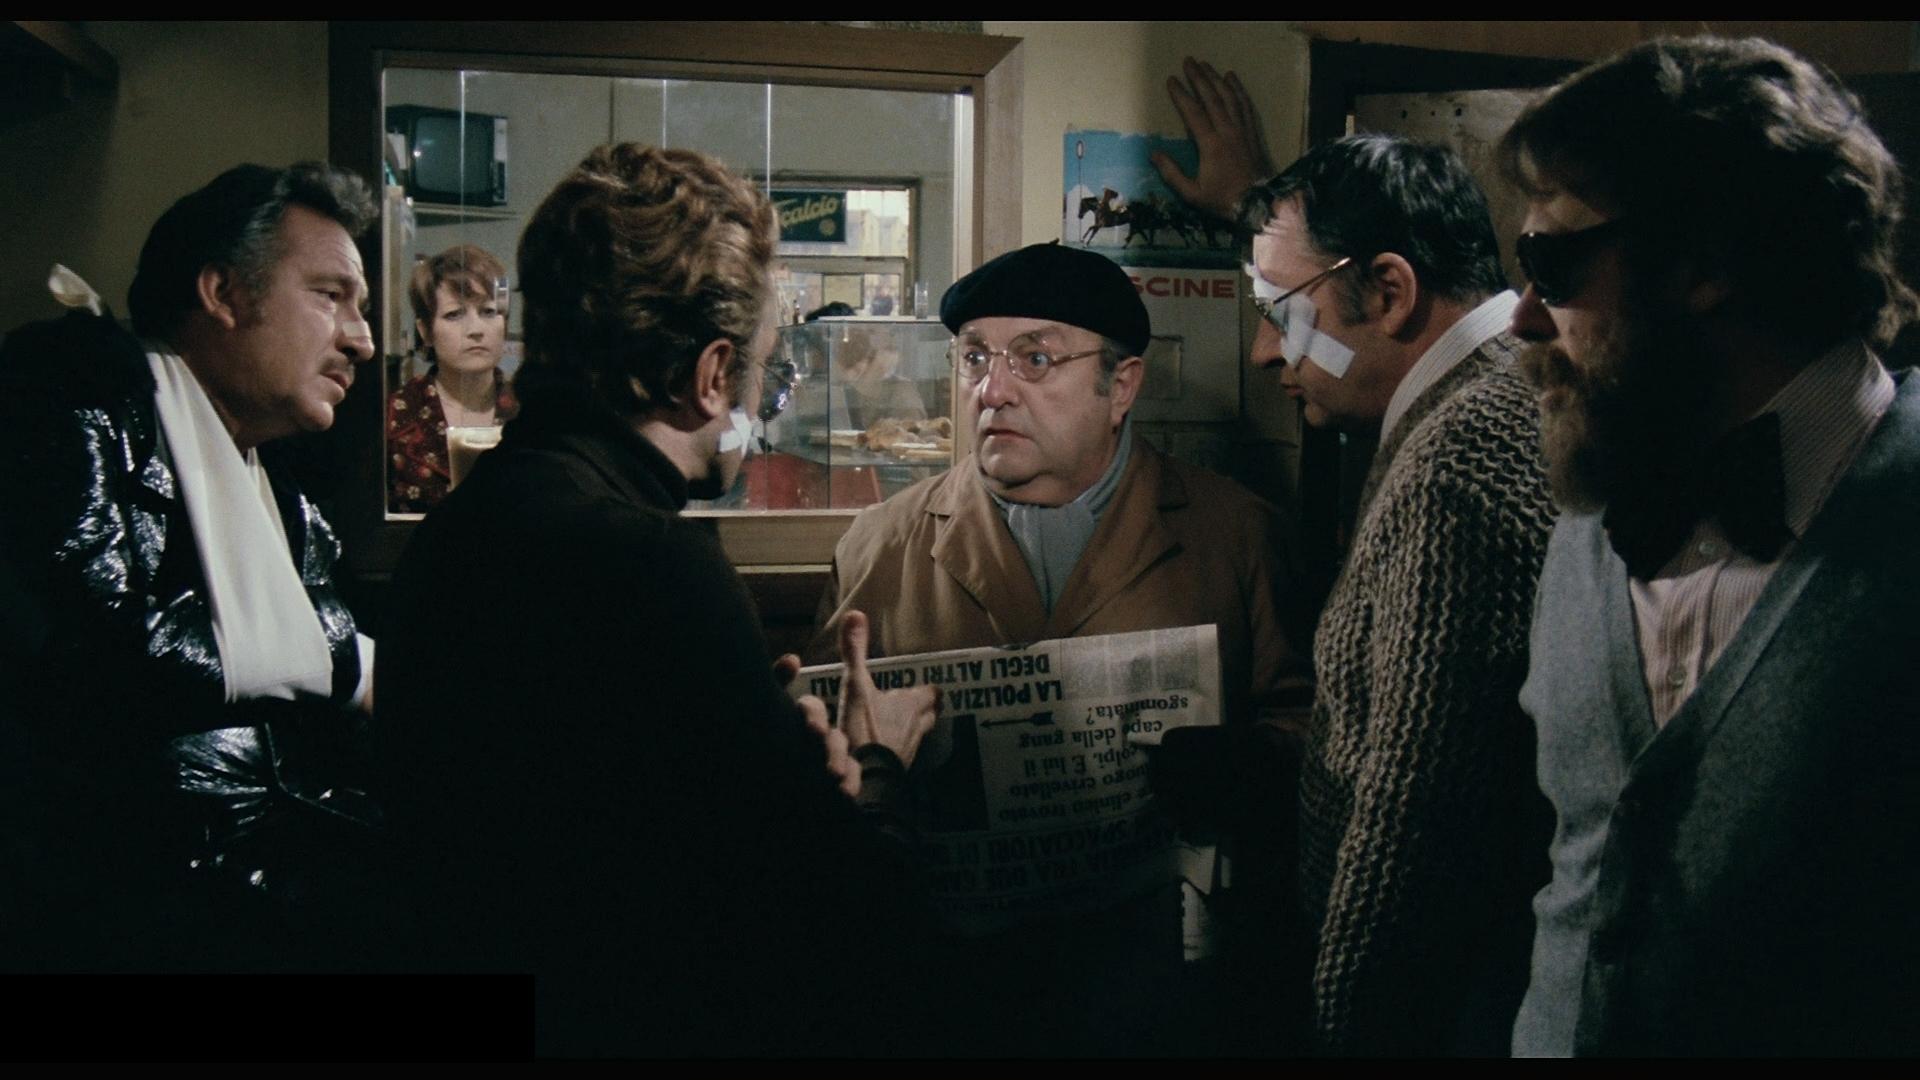 Ina scena di Amici miei di Mario Monicelli